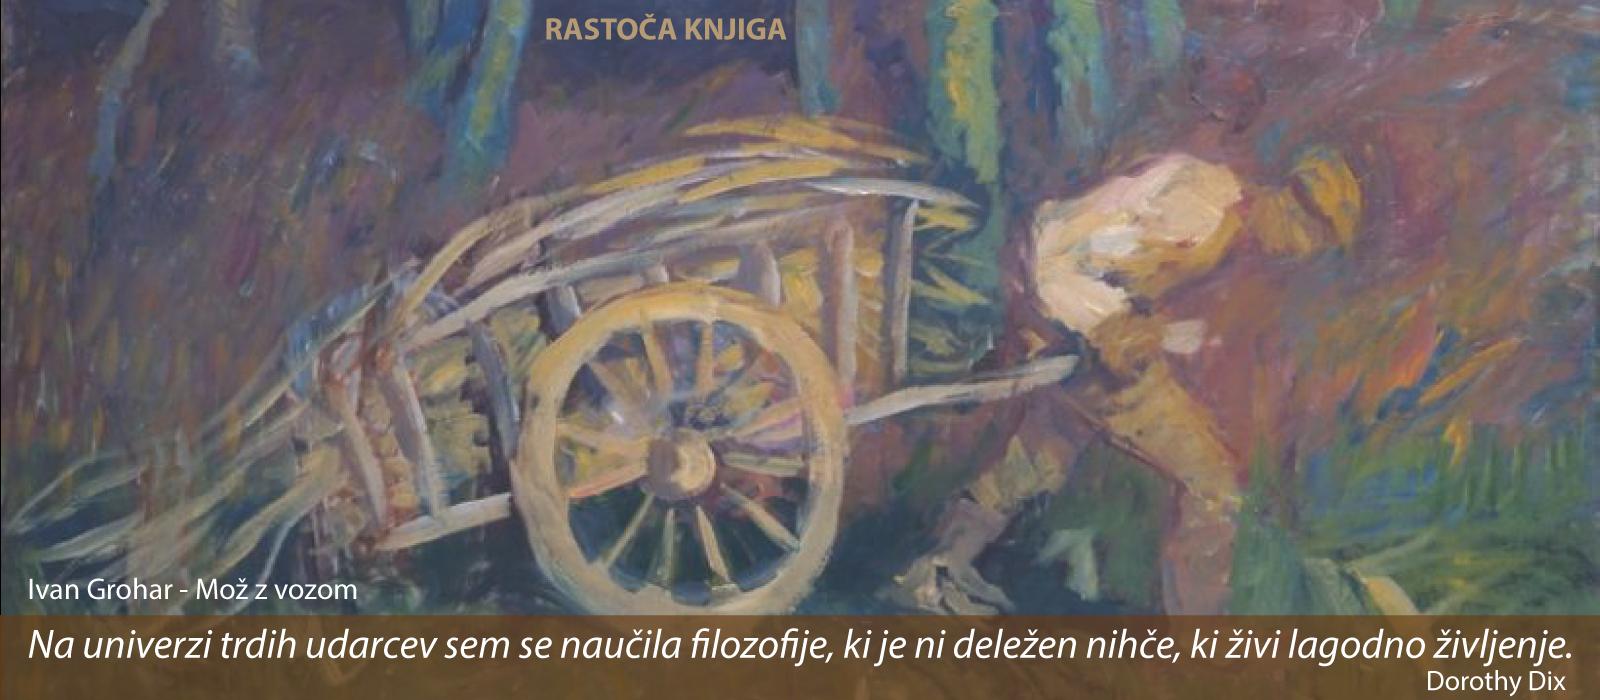 rastoča-knjiga-NOVEMBER